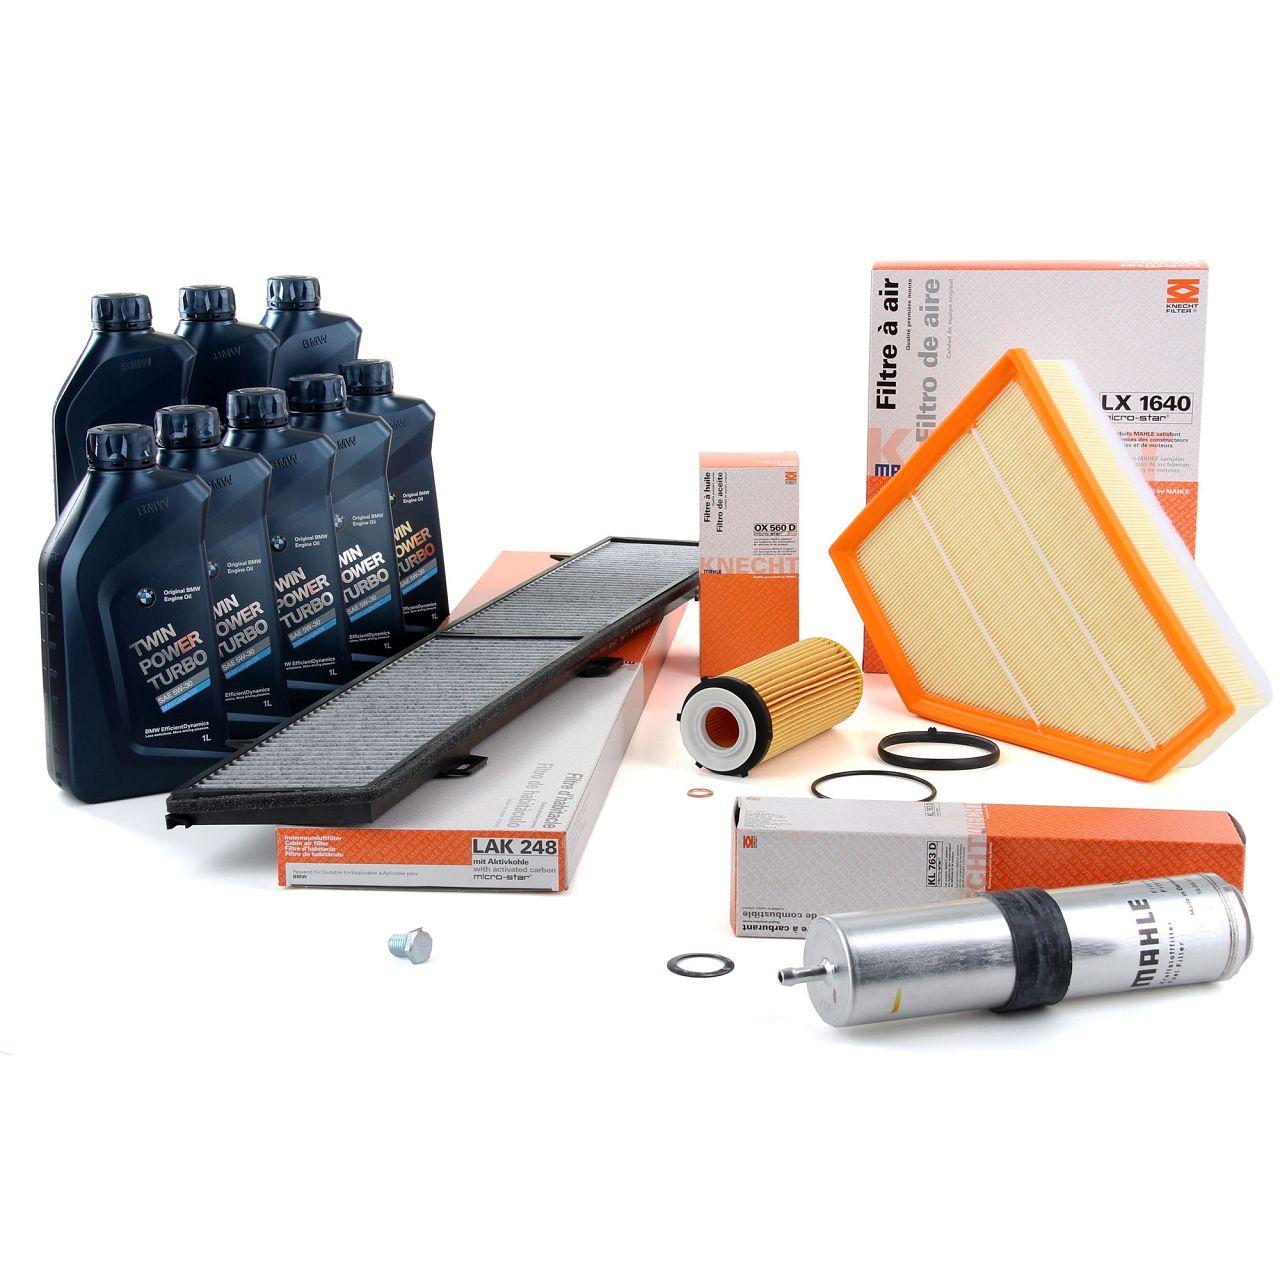 KNECHT / MAHLE Filterset + 8 L ORIGINAL BMW 5W30 Motoröl für E90 E91 E92 E93 325d 330d